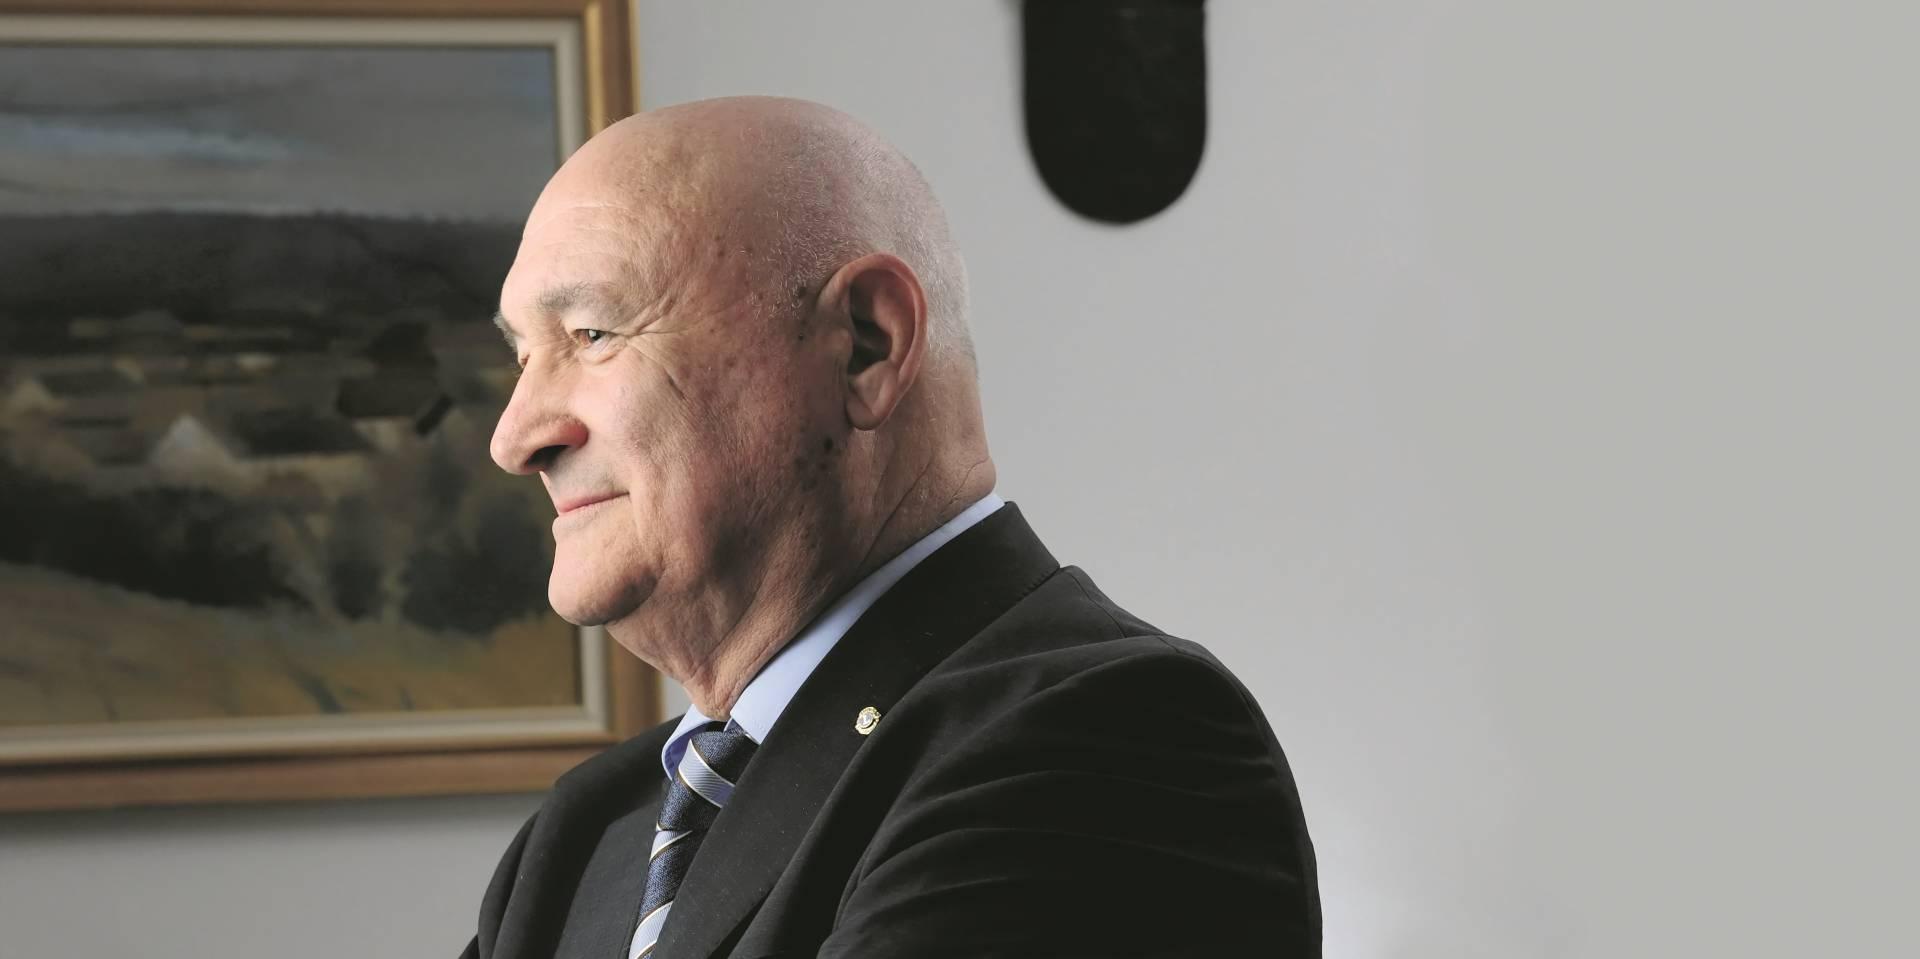 INTERVJU U NACIONALU Branko Roglić: 'Restrukturirao bih državu kao poduzeće pred stečajem'